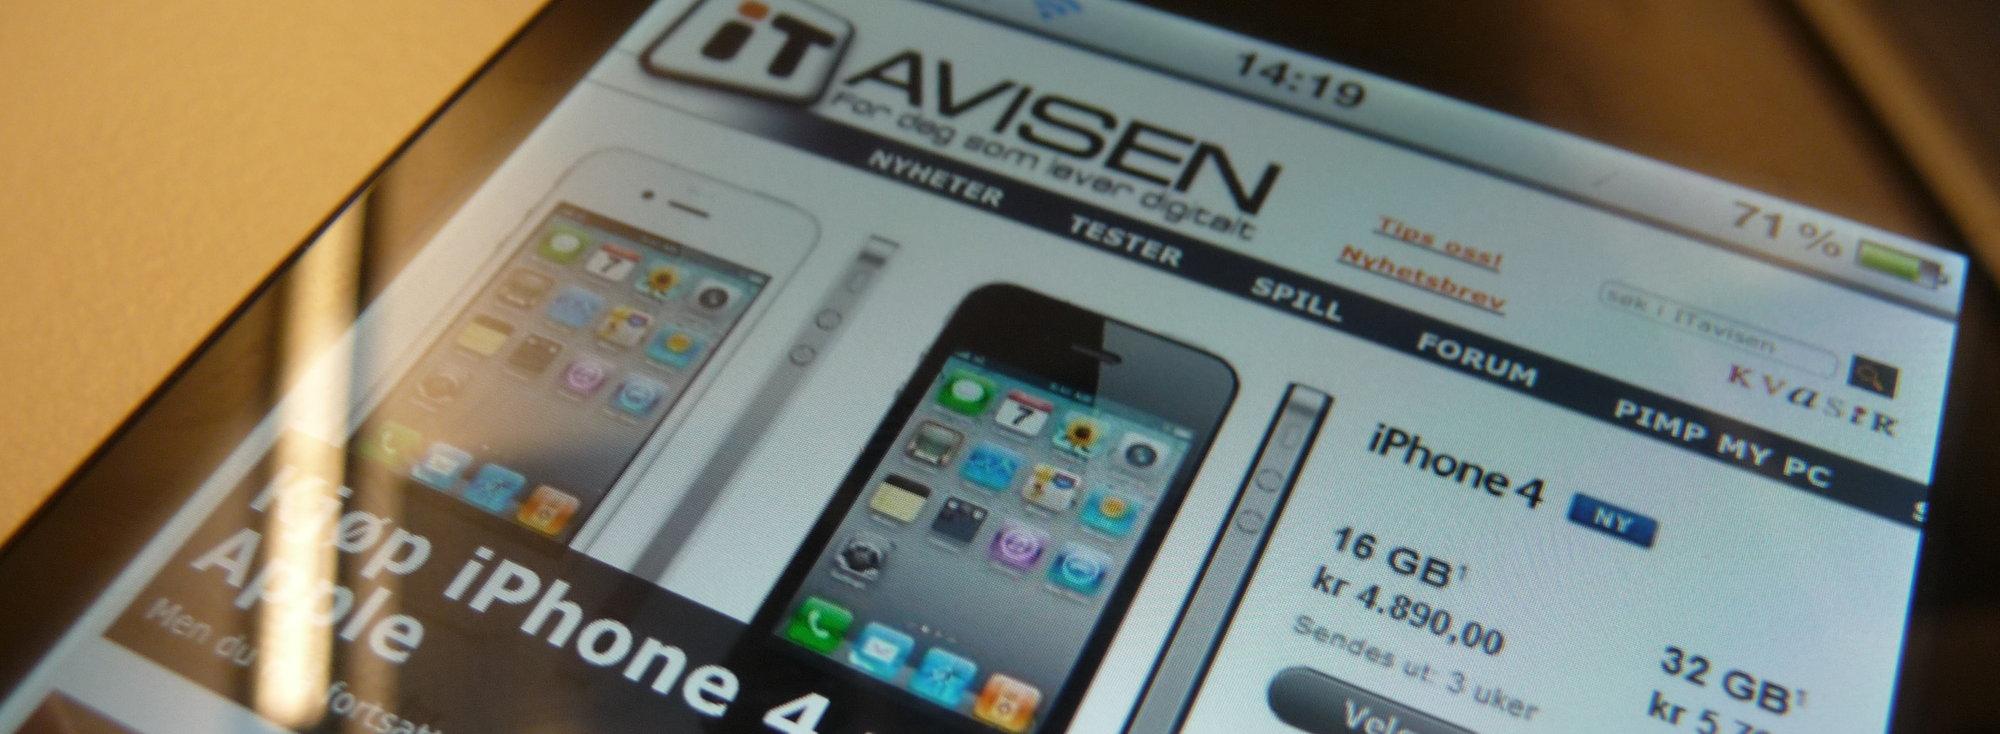 iPhone 4 er ikke lenger mulig å jailbreake. Enn så lenge...